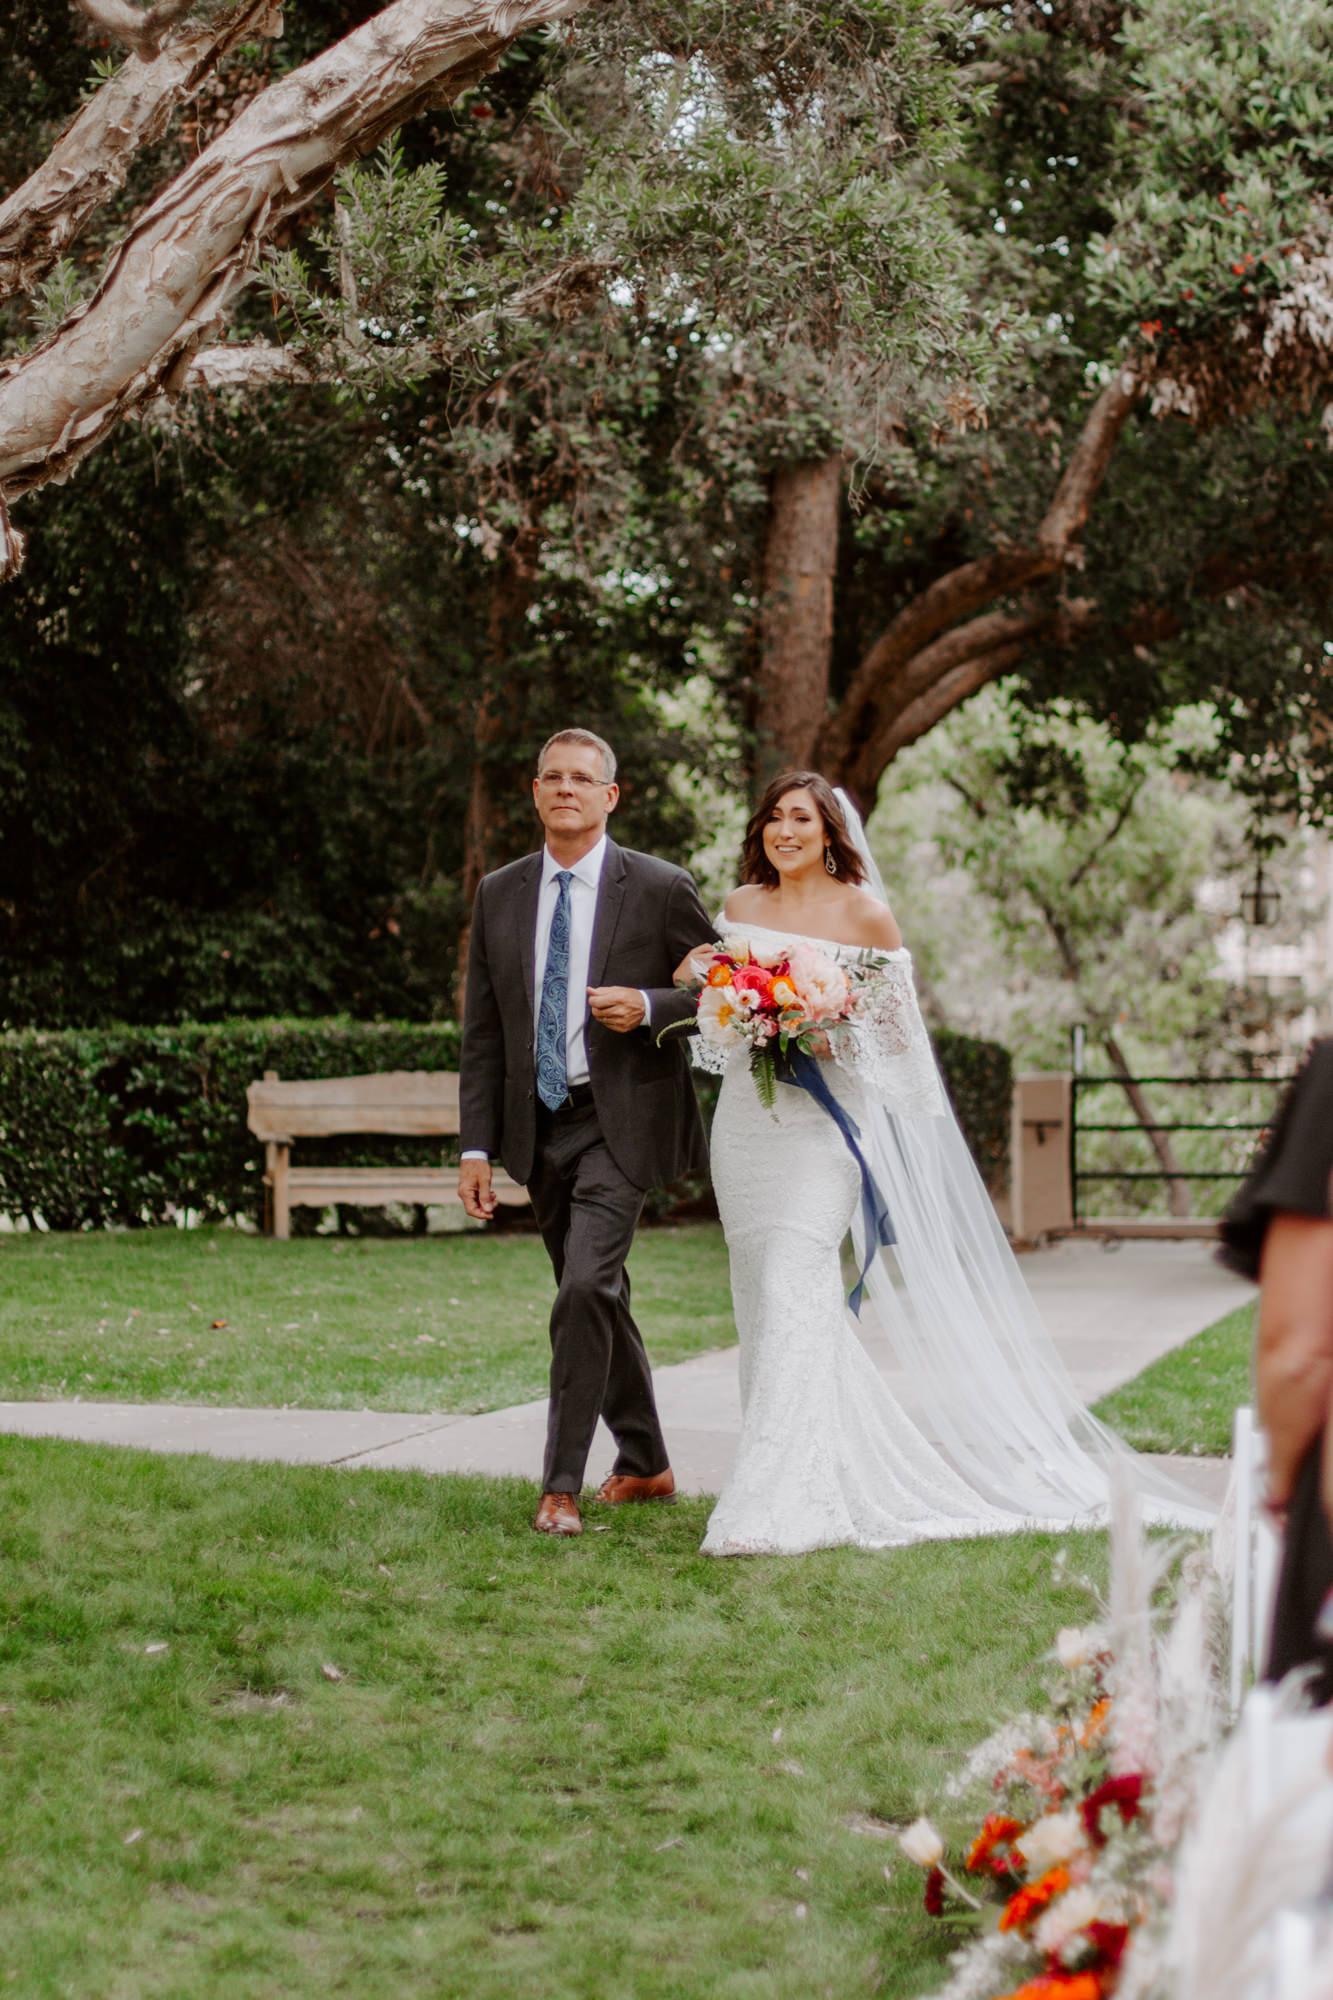 Rancho bernardo Inn san deigo wedding photography0050.jpg